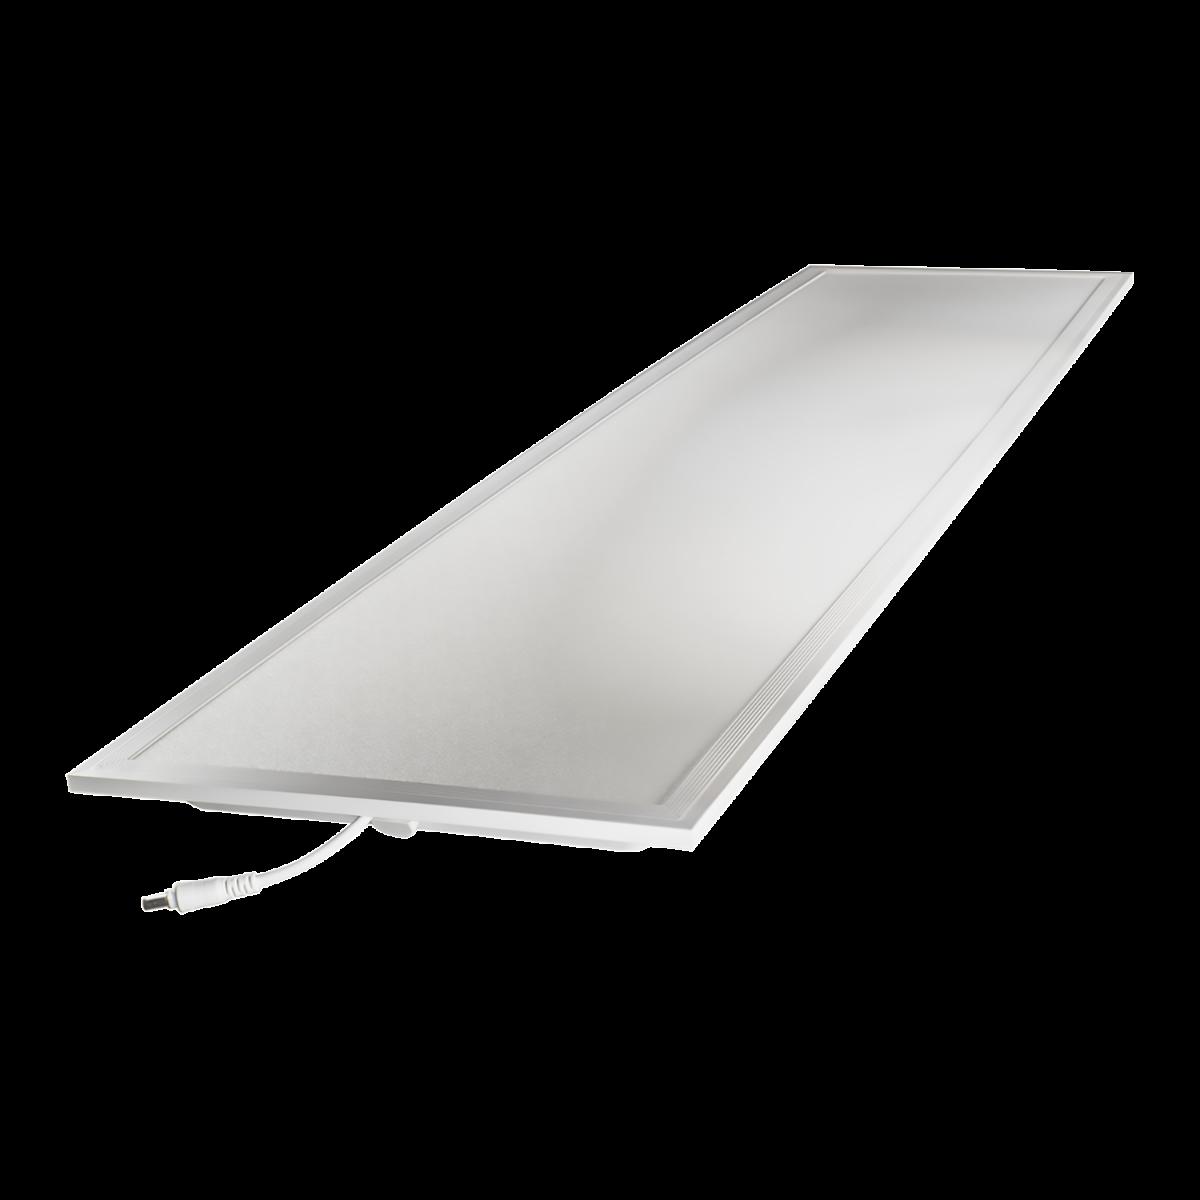 Noxion LED Panel Delta Pro V2.0 30W 30x120cm 6500K 4110lm UGR <19 | Tageslichtweiß - Ersatz für 2x36W